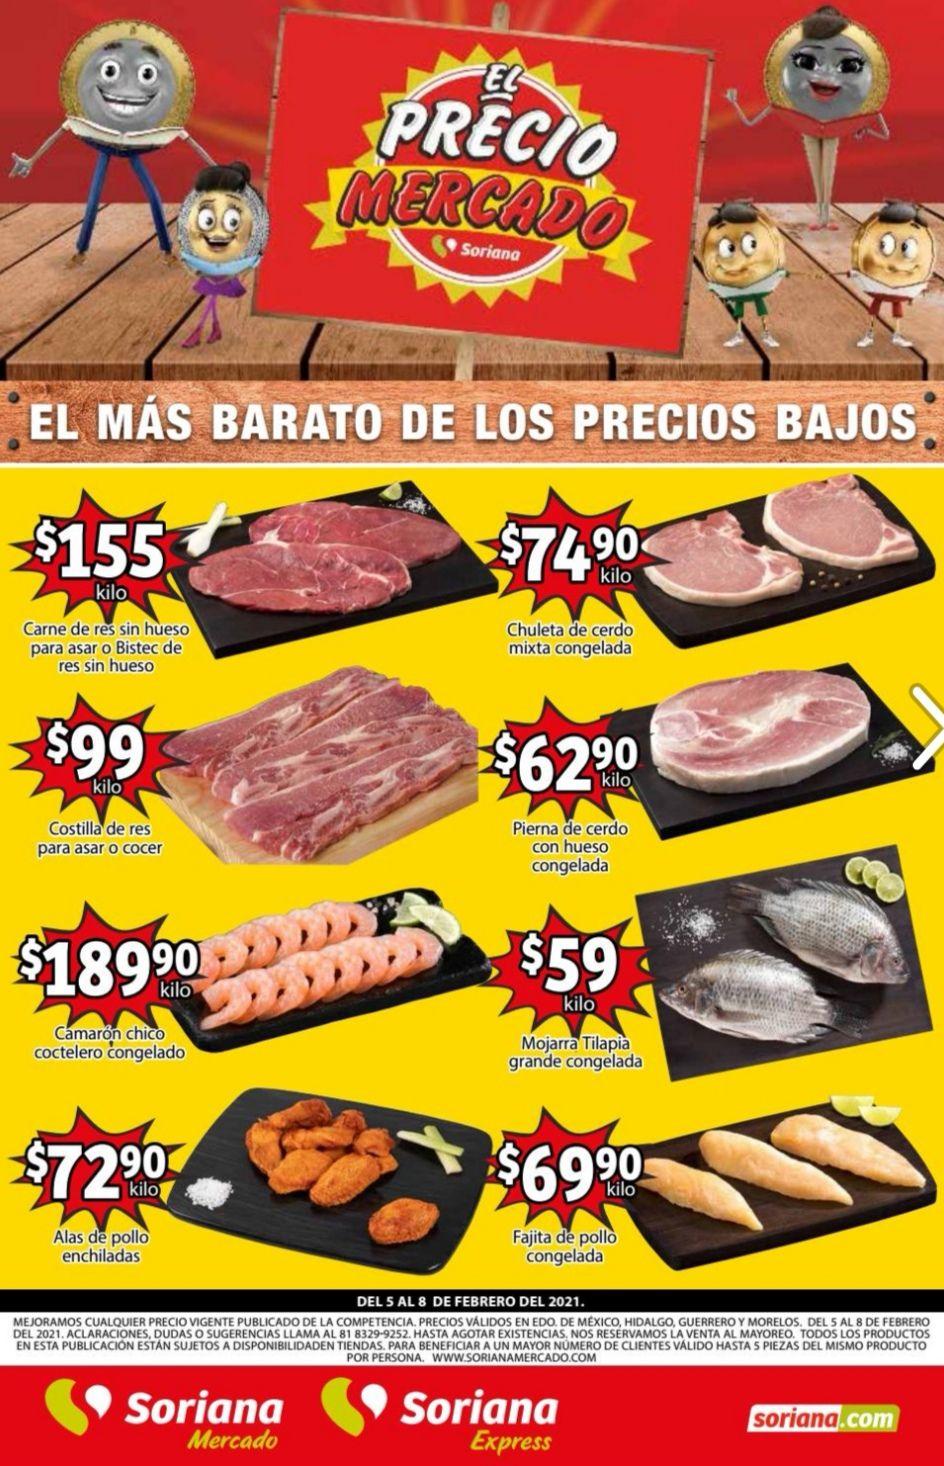 Soriana Mercado y Express: Volante de Ofertas Fin de Semana al Lunes 8 de Febrero